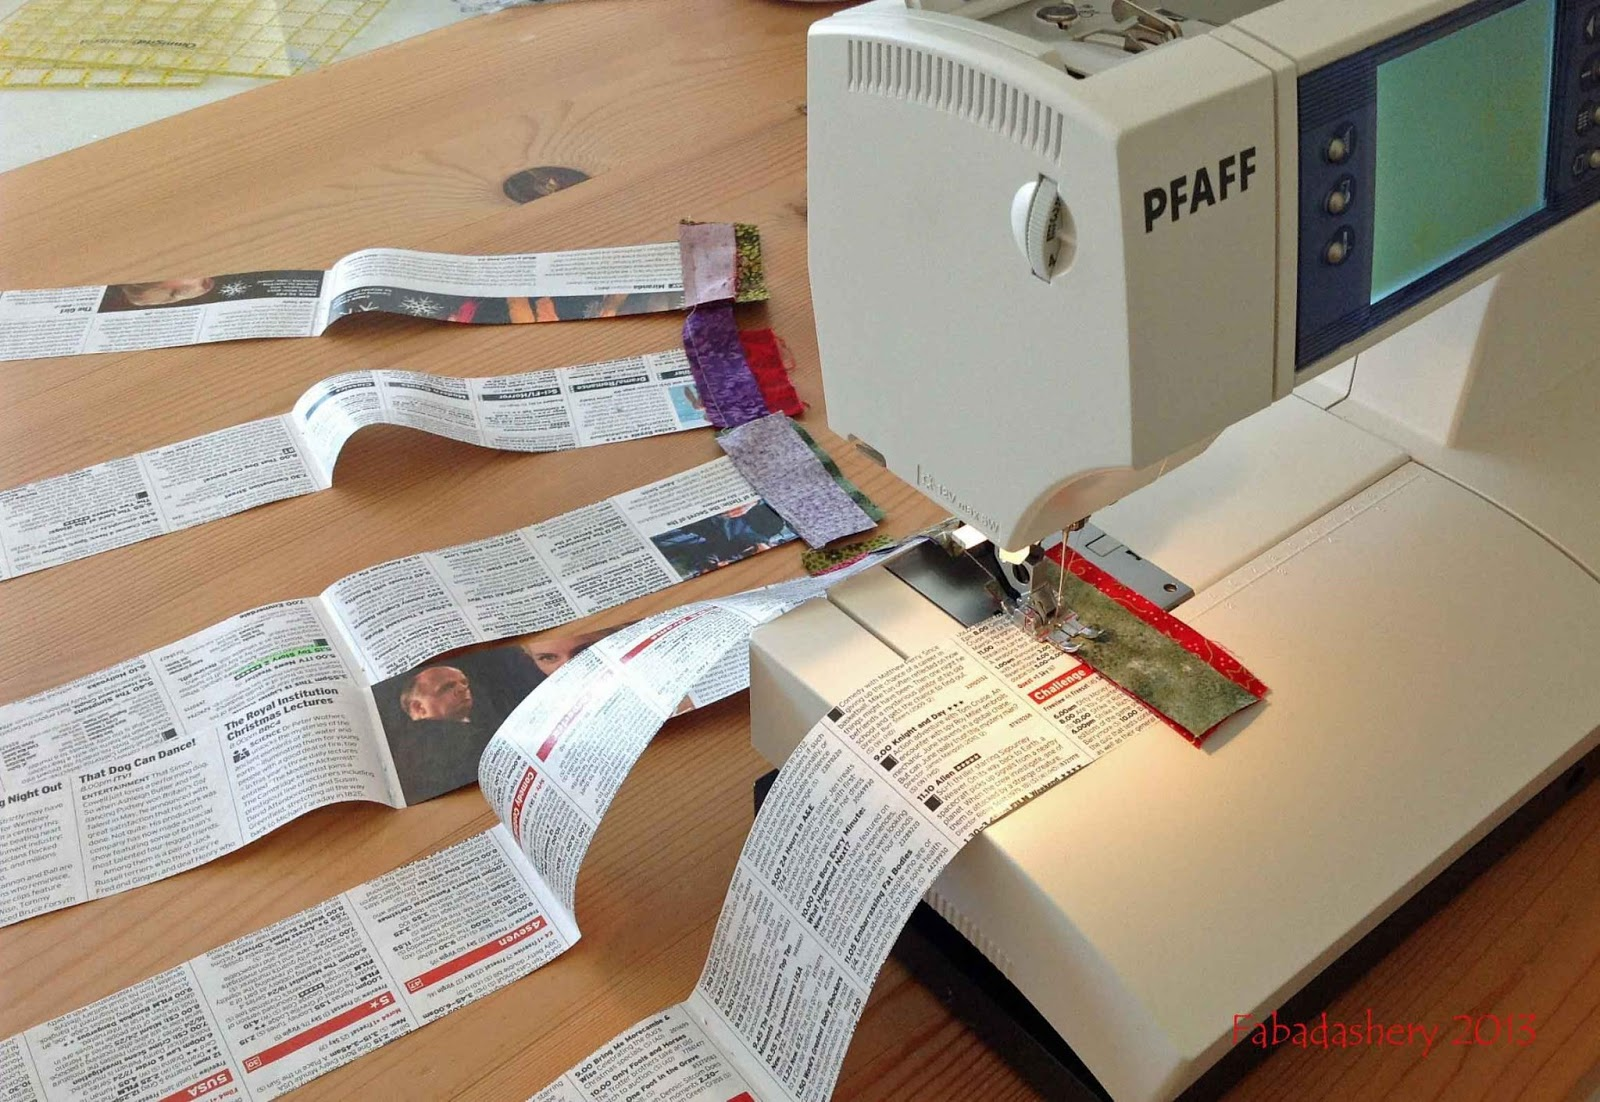 http://4.bp.blogspot.com/-C-zYa7zHfQw/UV3L8pKq8sI/AAAAAAAAGDo/yFbtgh-NrrA/s1600/String-Quilt-Sewing-Machine+Pfaff.jpg